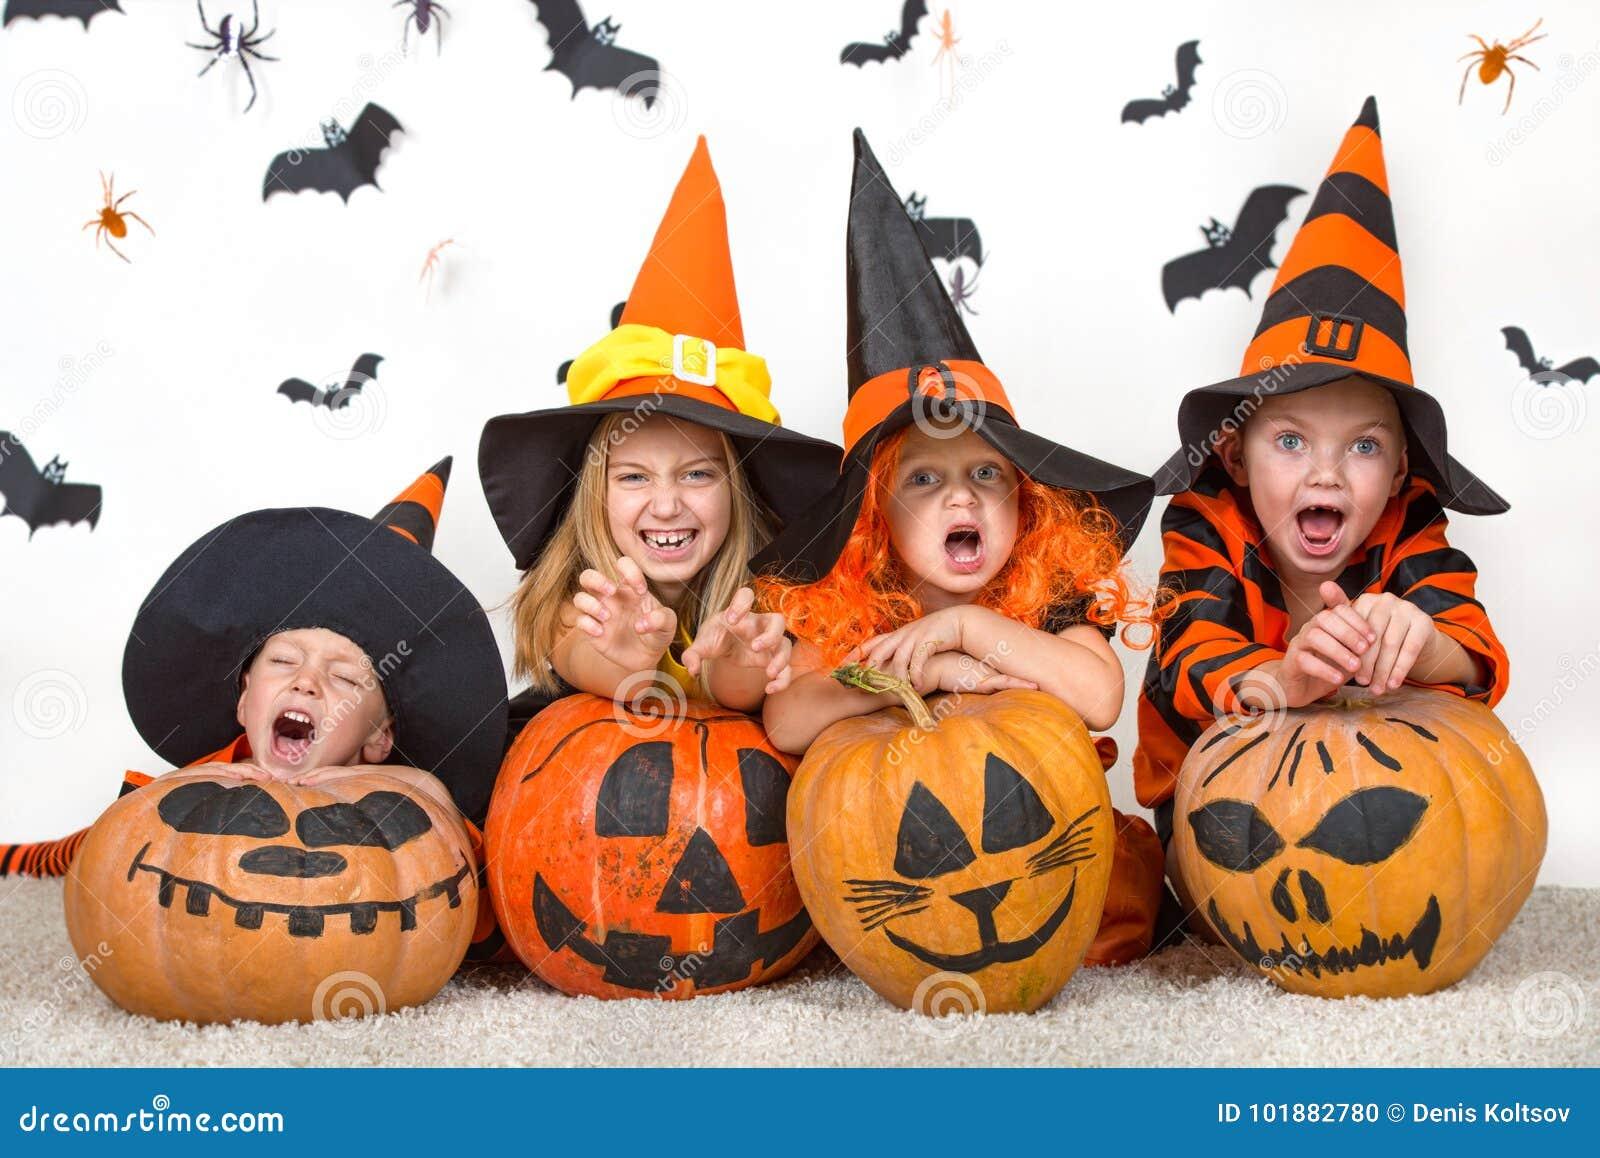 Crianças alegres em trajes do Dia das Bruxas que comemoram o Dia das Bruxas